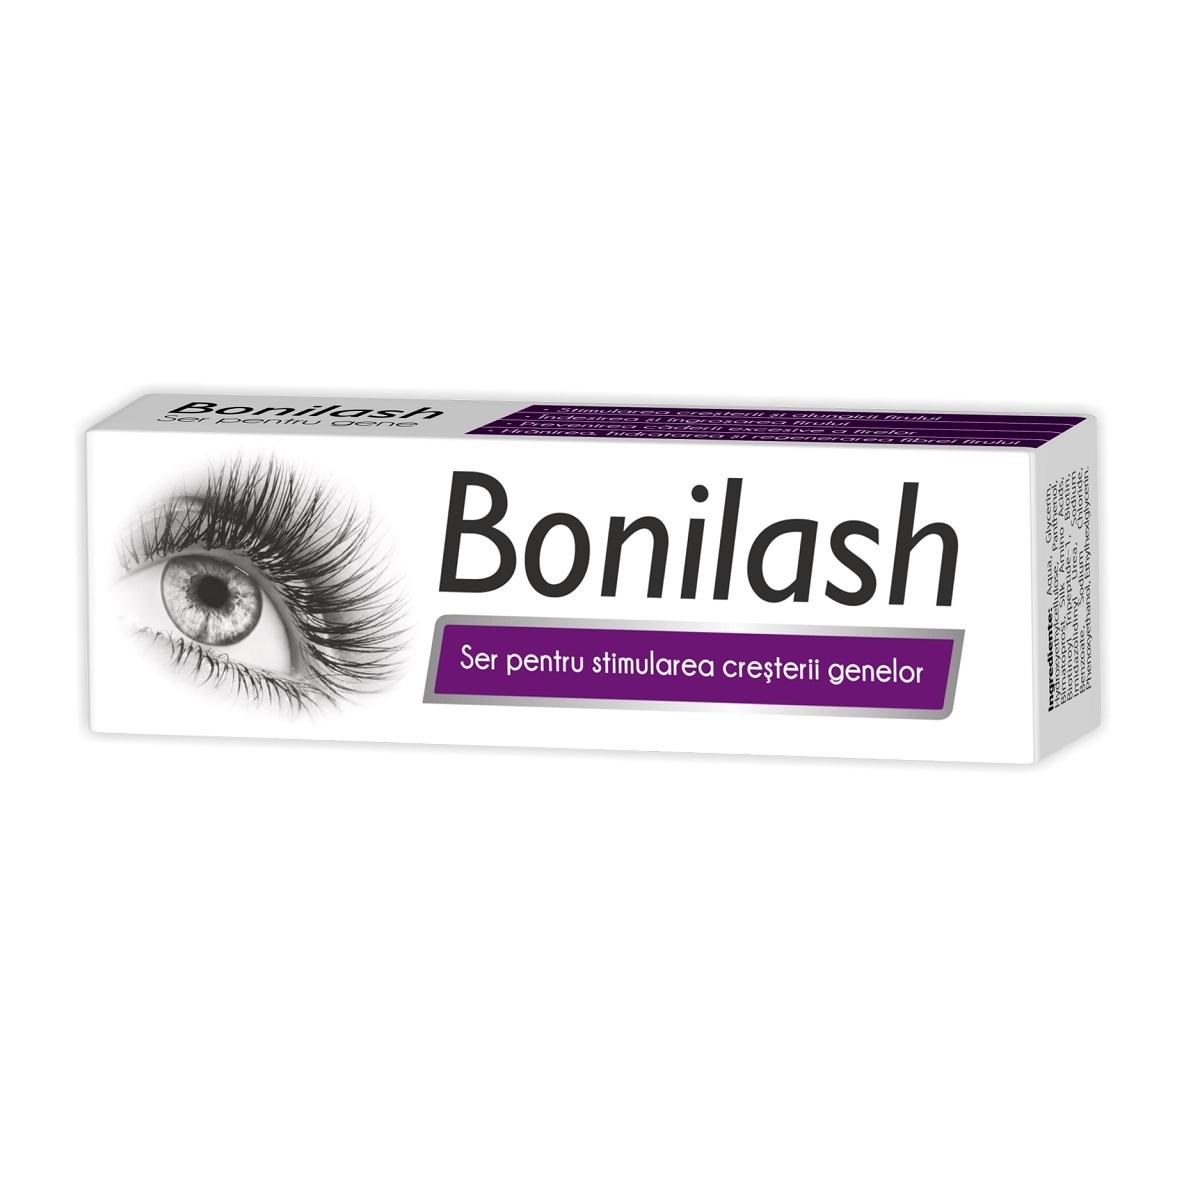 Ser pentru stimularea creșterii genelor Bonilash, 3 ml, Zdrovit